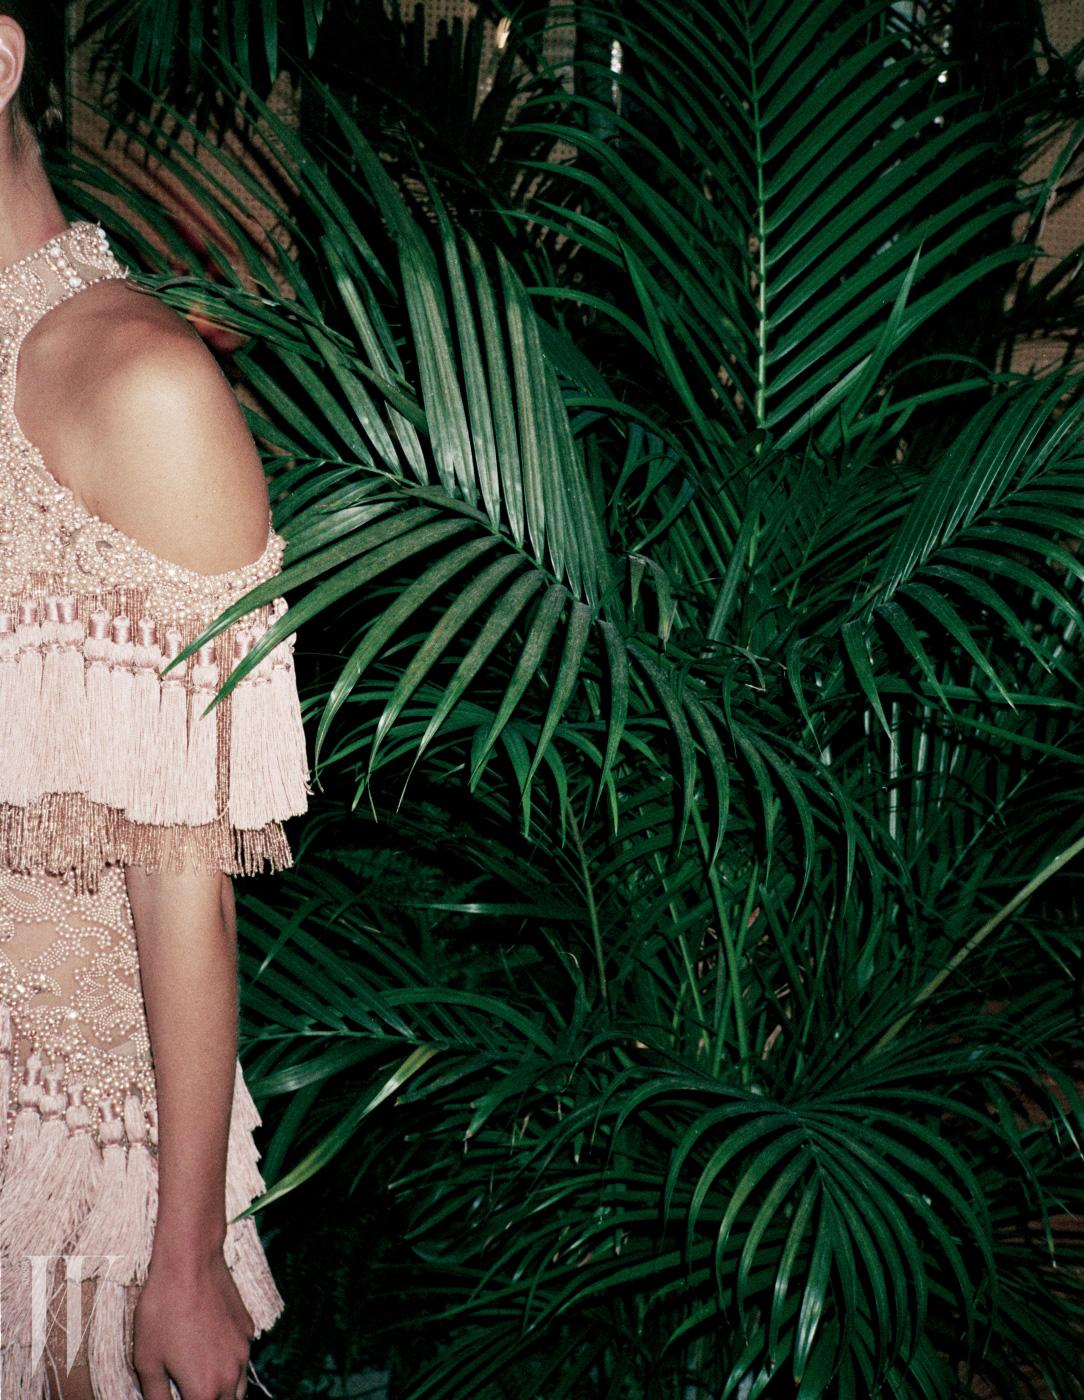 아이린이 입은 진주 장식 드레스, 콘스탄스 자블론스키가 입은 태슬과 레이스로 이루어진 미니 드레스는 모두 Balmain 제품.